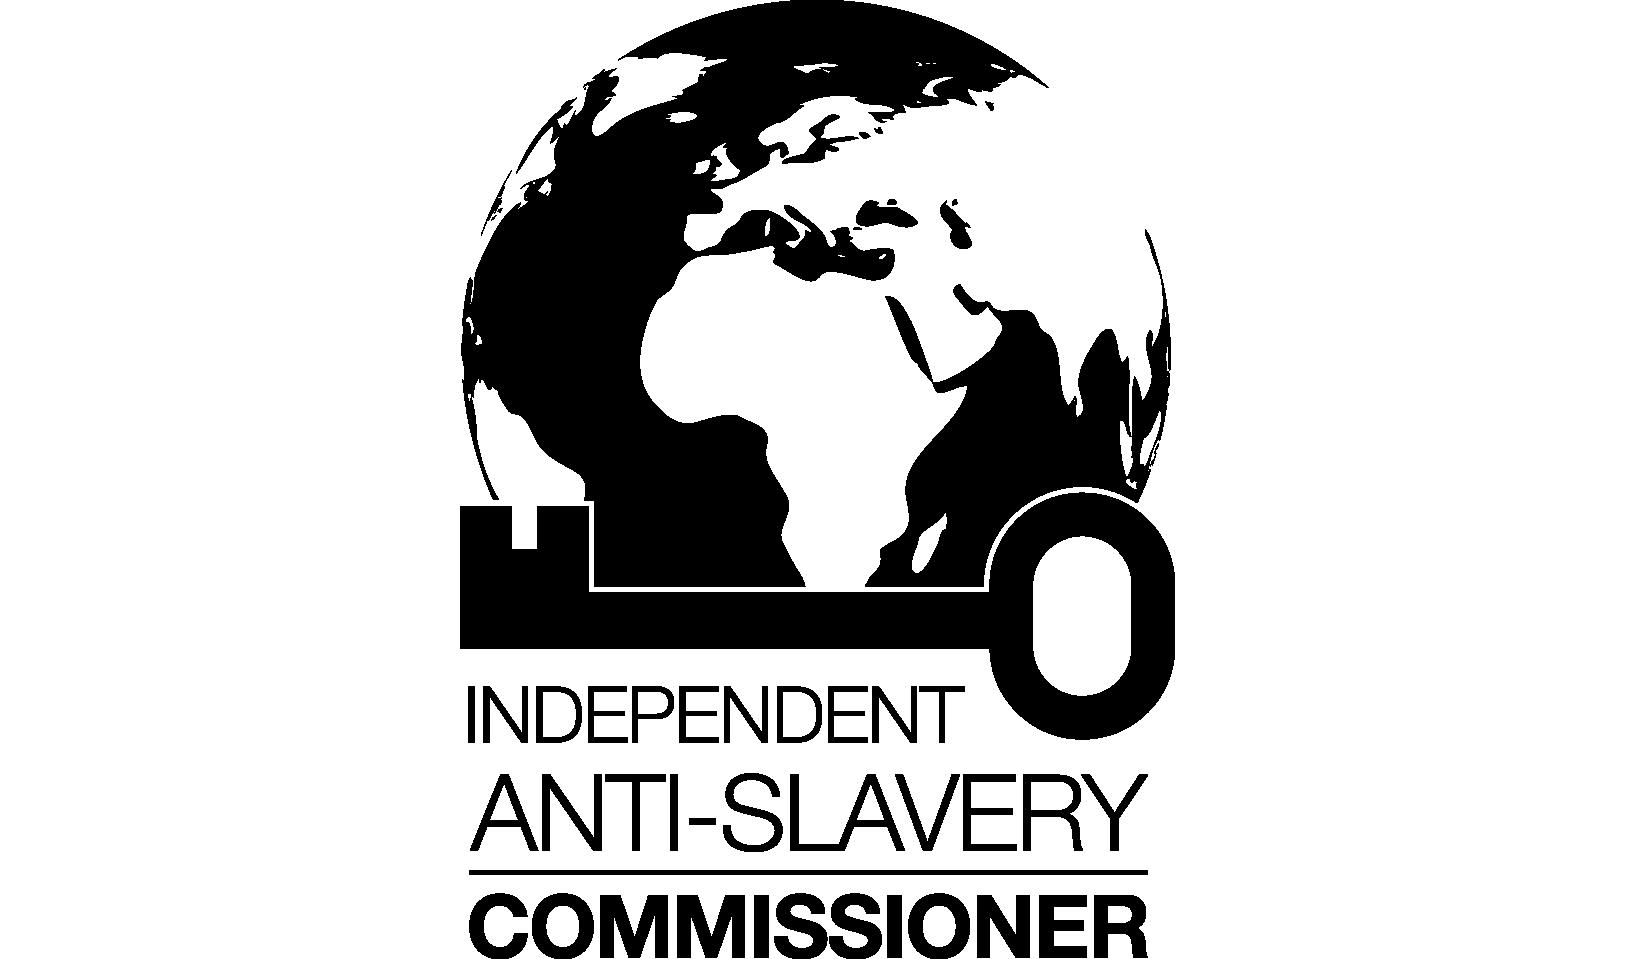 kore_iasc_logo.png